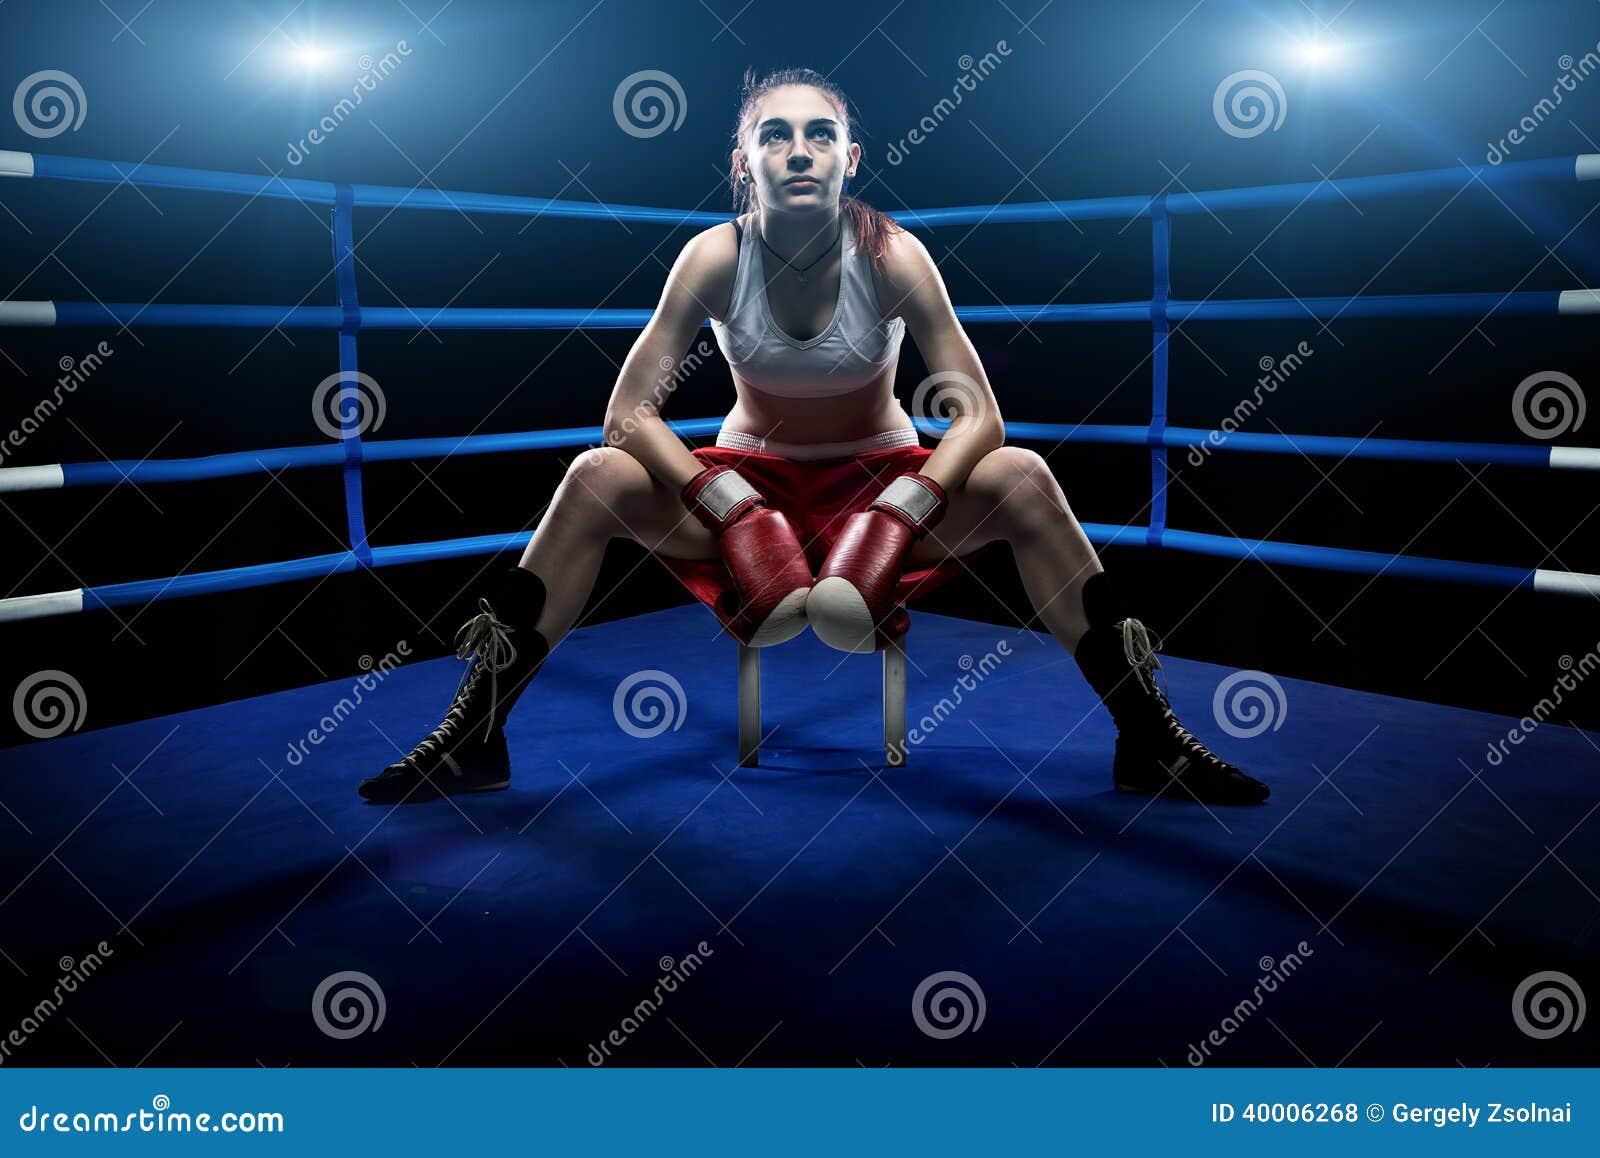 Femme de boxe seul s asseyant dans l arène de boxe, entourée par les lumières bleues